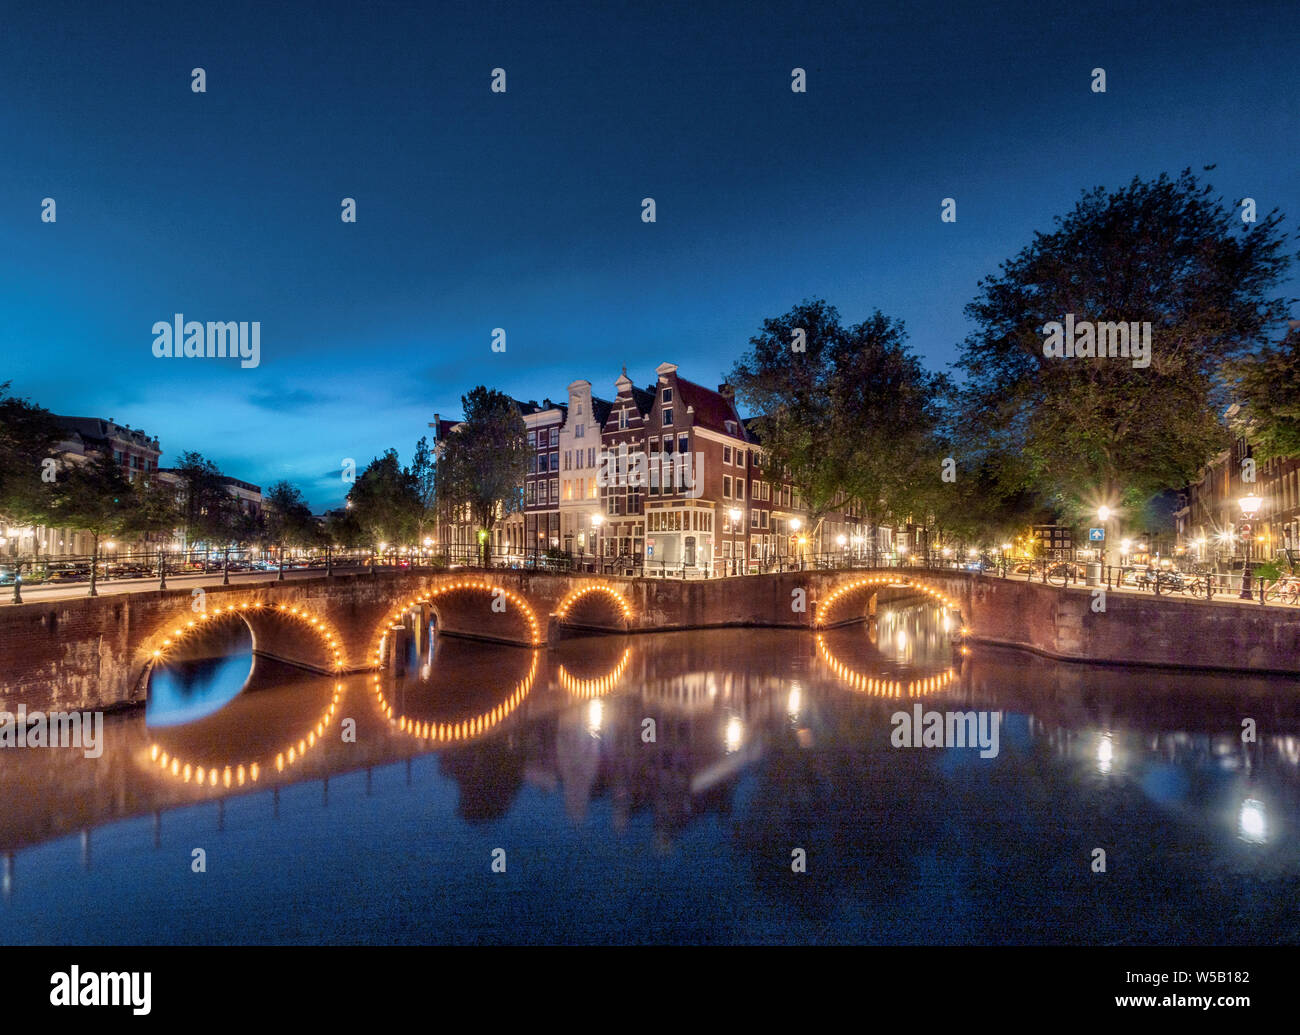 Abendstimmung, Kanal mit Brücke, Keizersgracht und Leidsegracht, Gracht mit historischen Häusern, Amsterdam, Nordholland, Niederlande Foto Stock